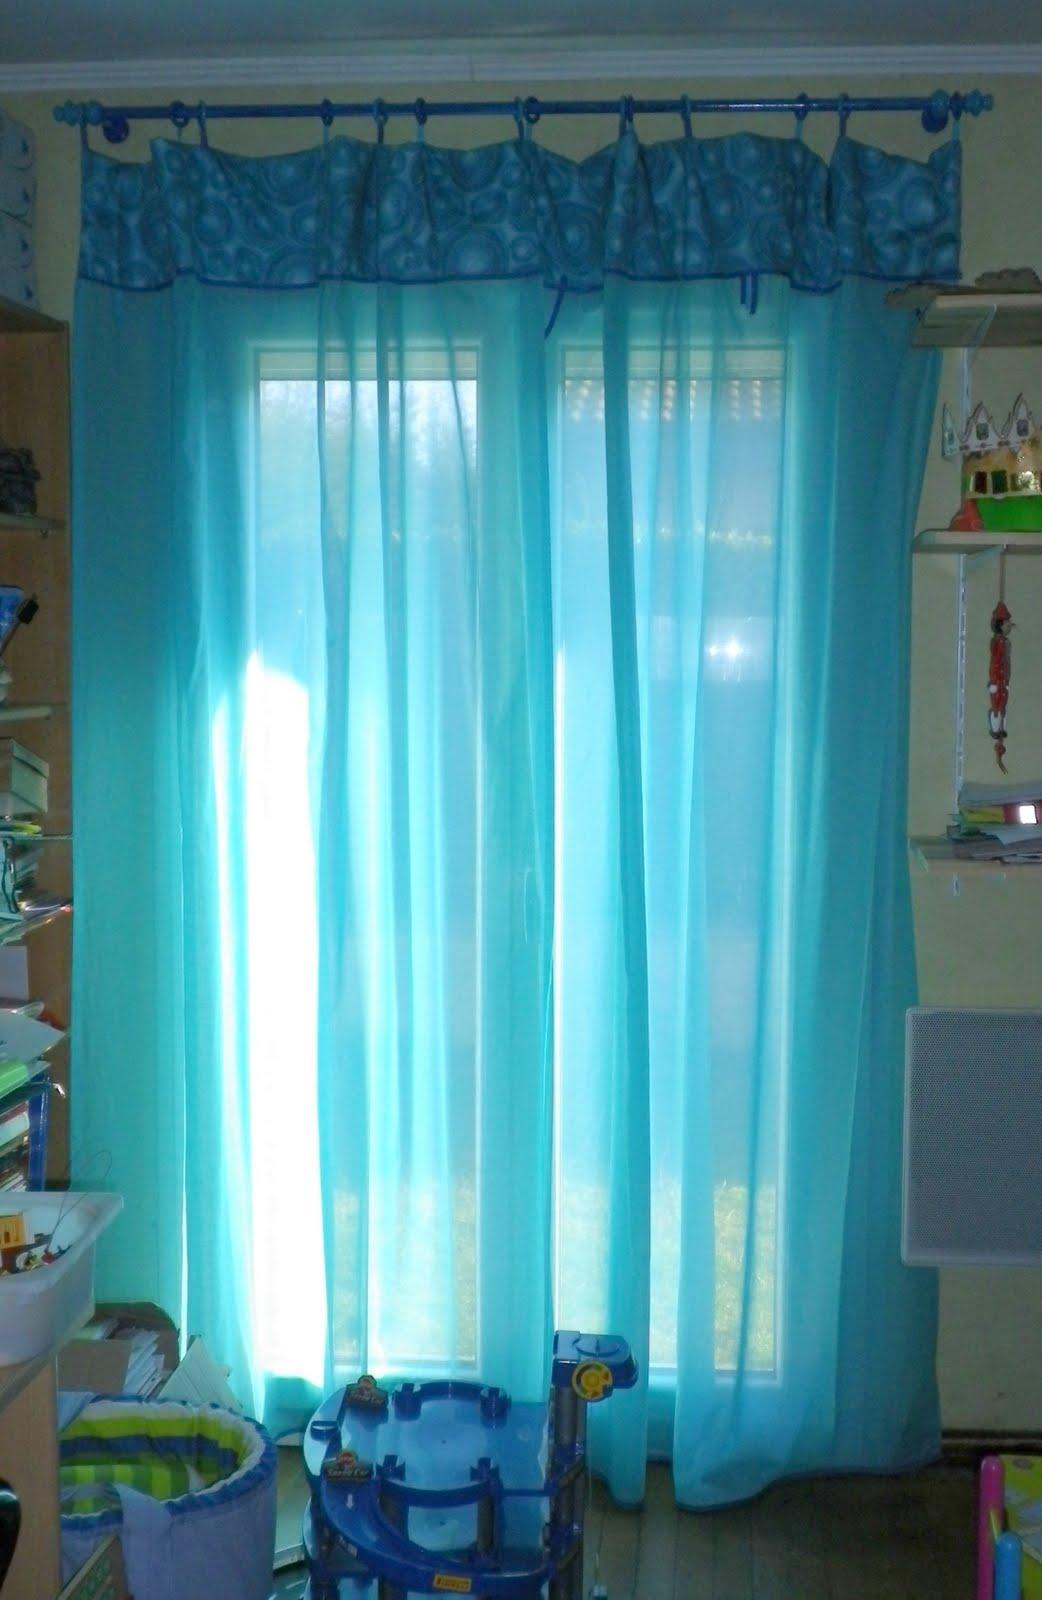 les bricol 39 d 39 la tortue rideaux turquoise. Black Bedroom Furniture Sets. Home Design Ideas